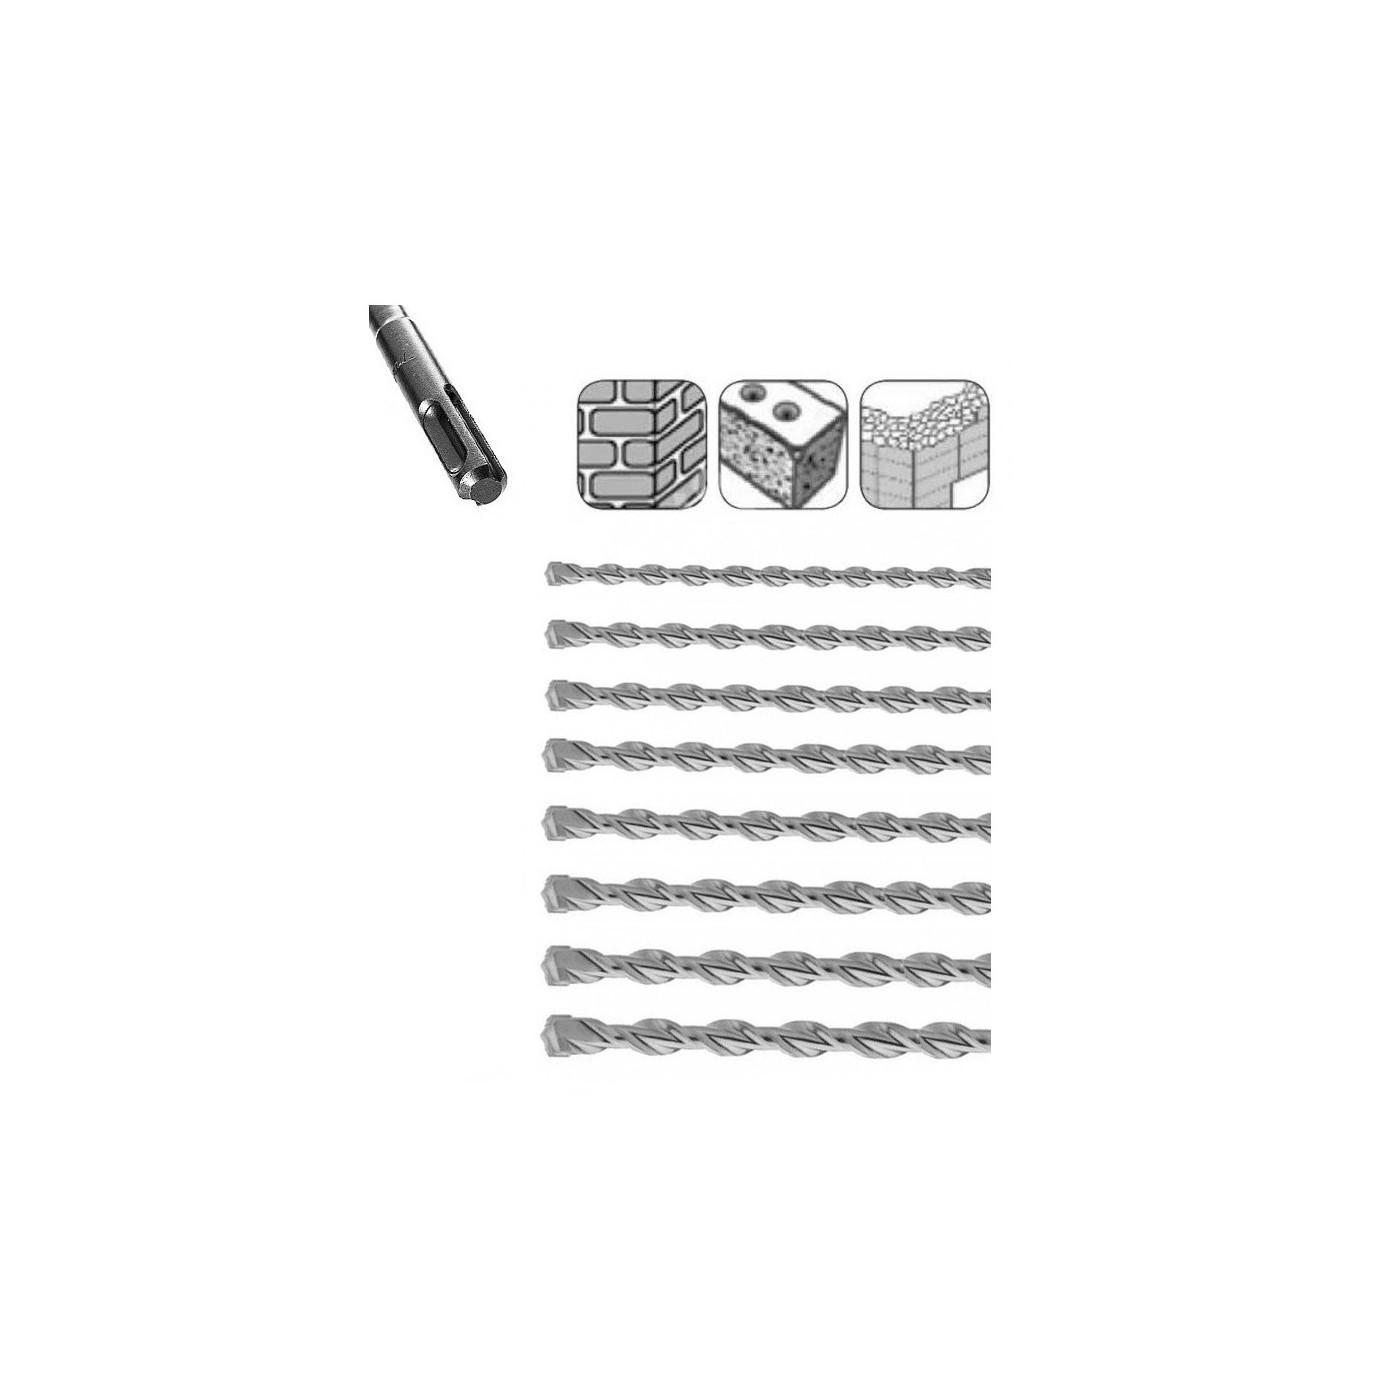 Set of extra long SDS-plus concrete drills (8 pieces)